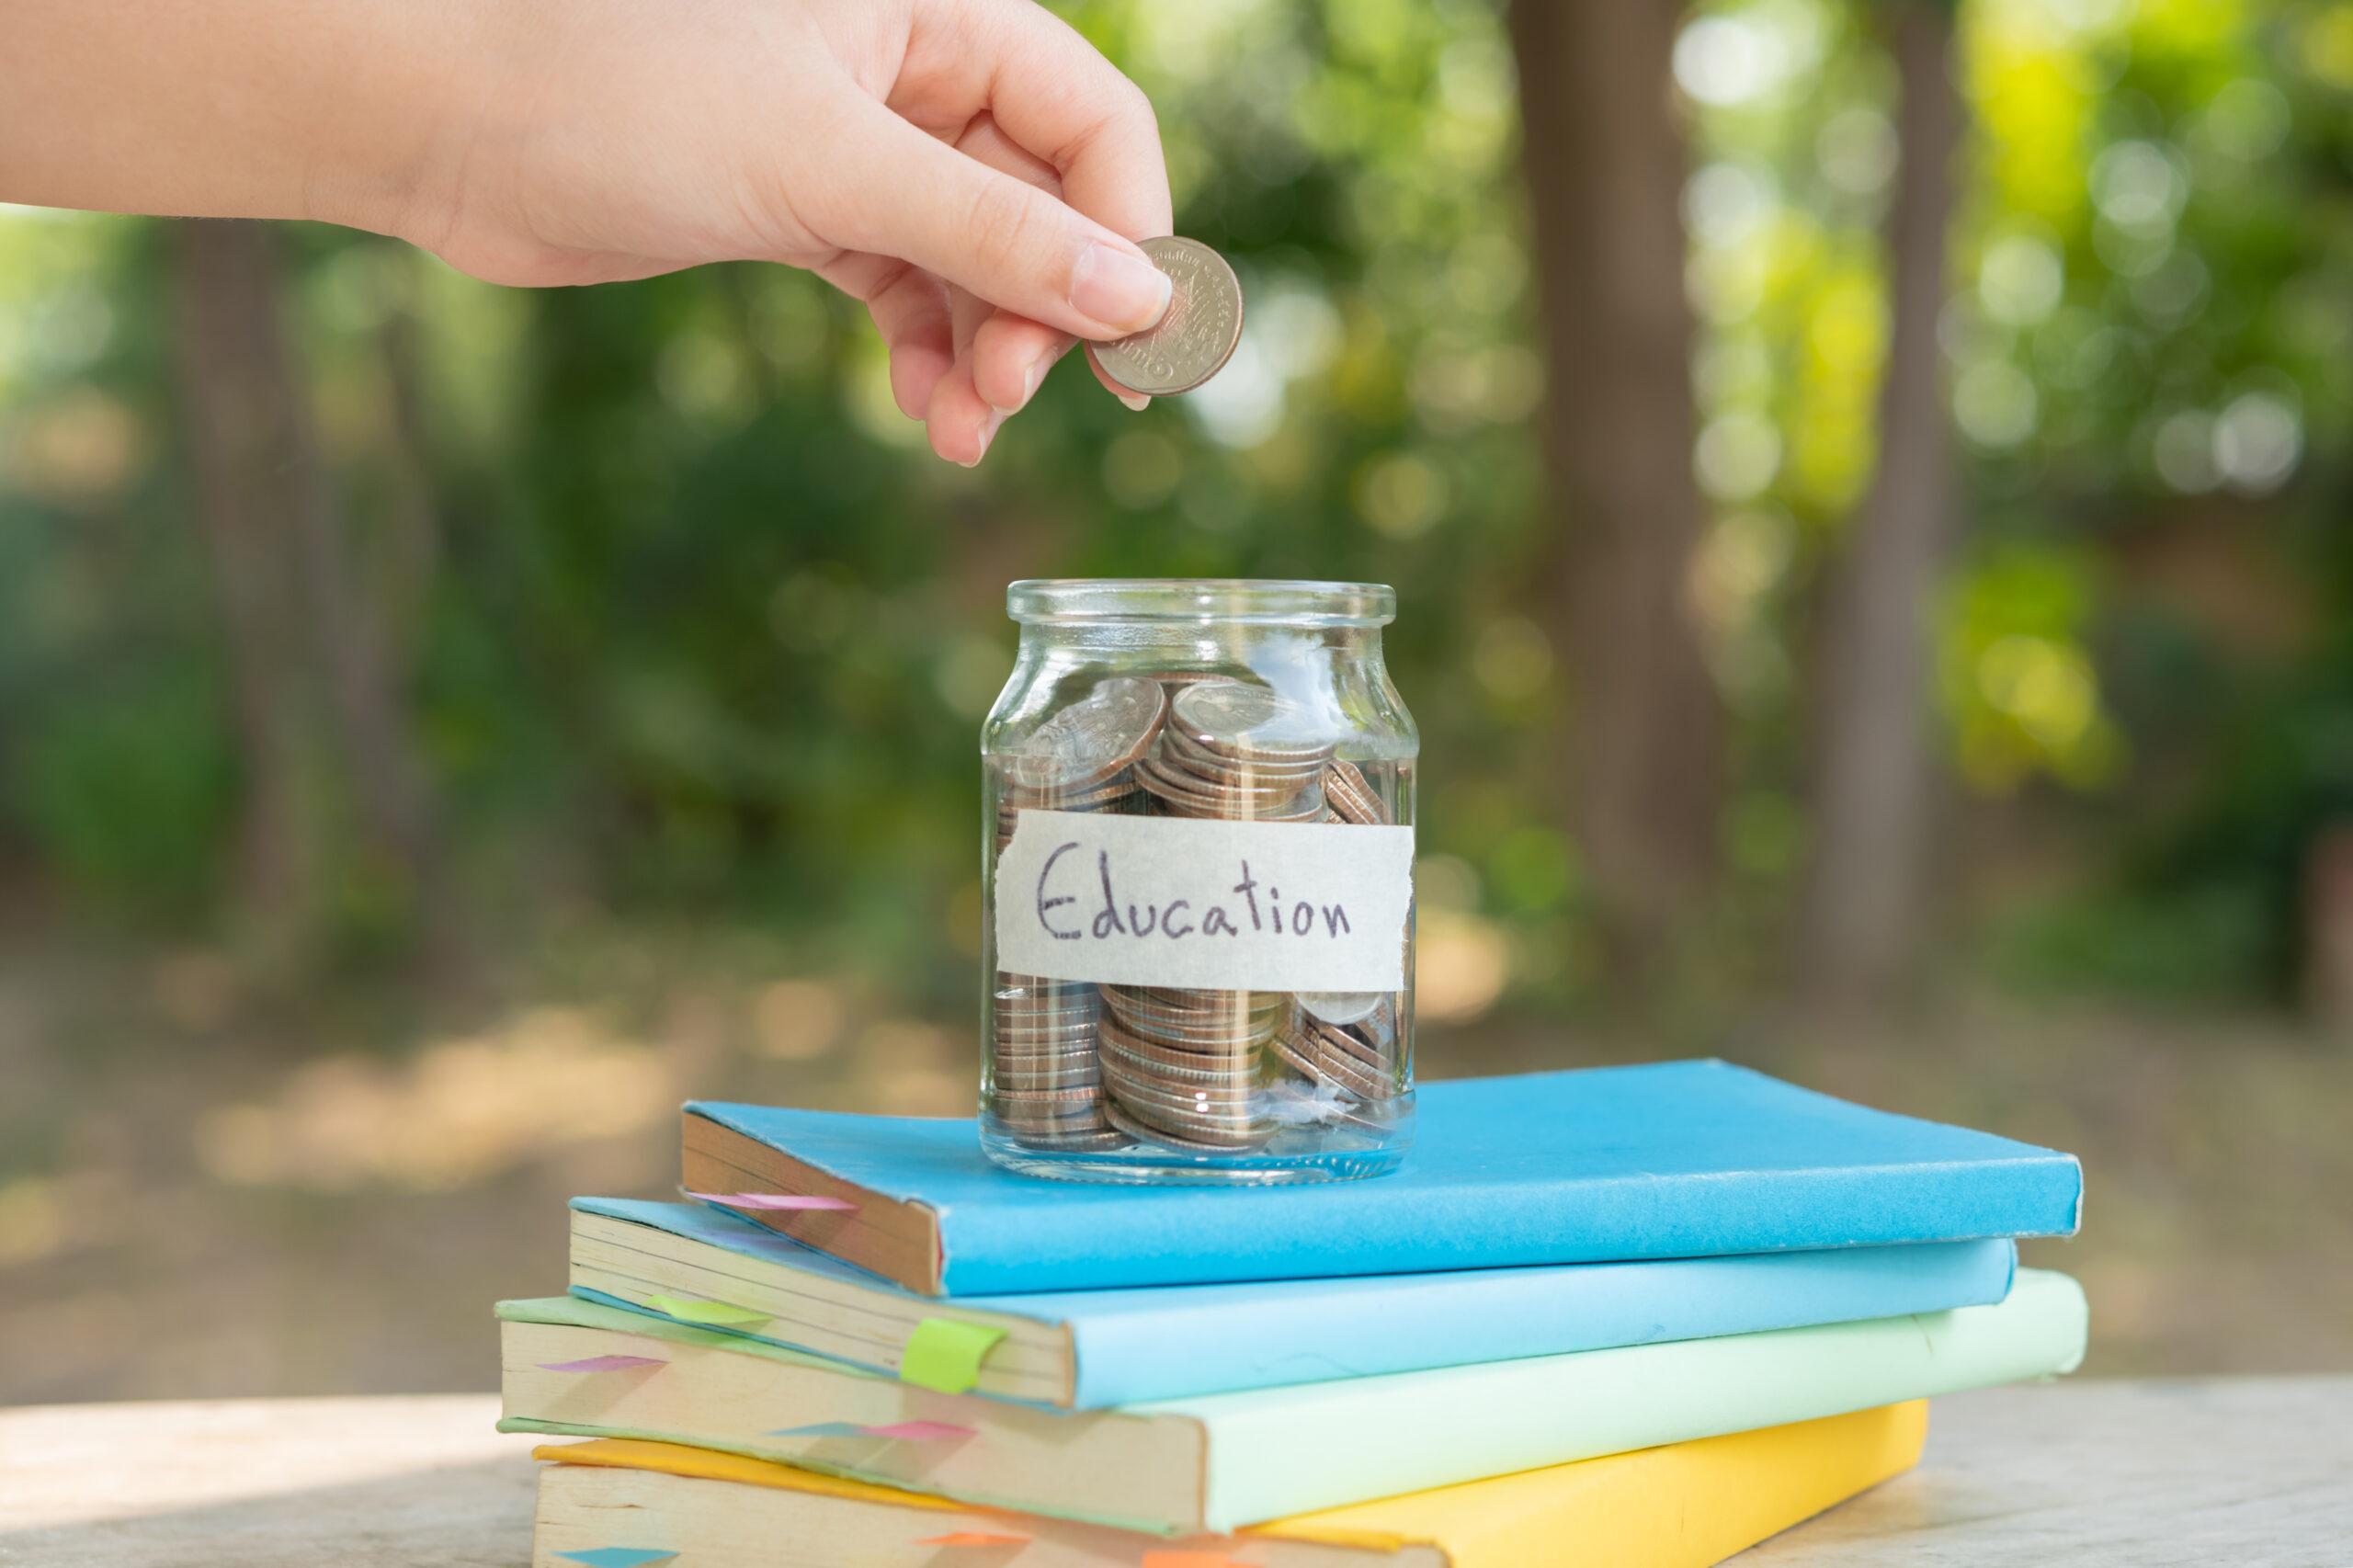 מדוע אין לימודים פיננסים בבית הספר?